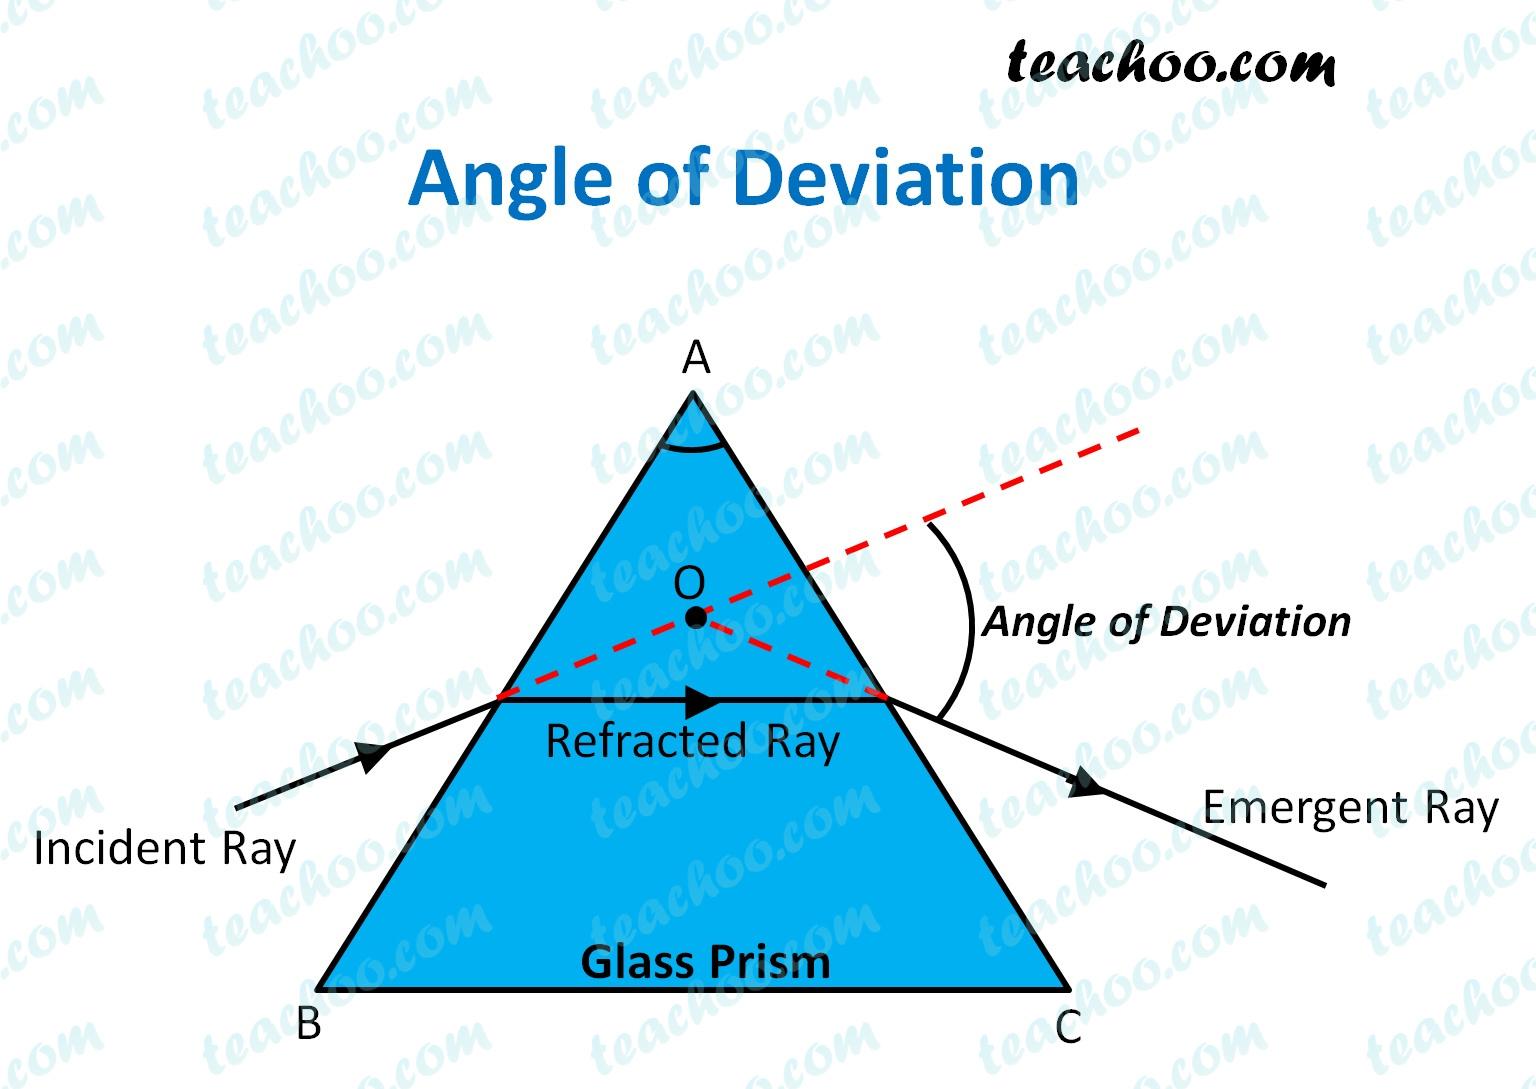 angle-of-deviation---teachoo.jpg